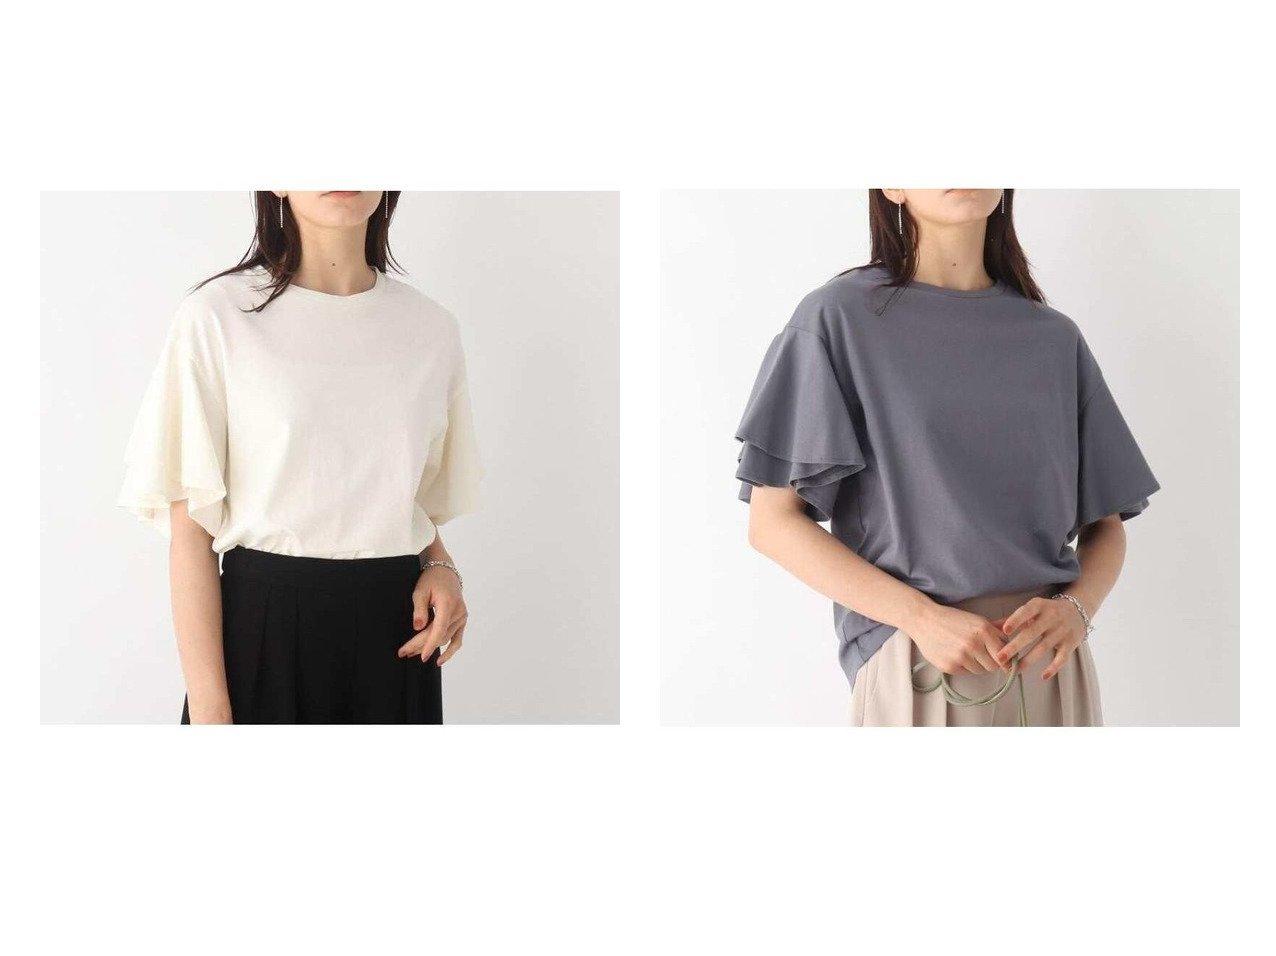 【OPAQUE.CLIP/オペークドットクリップ】のフレアスリーブプルオーバー【WEB限定サイズ】 【プチプライス・低価格】おすすめ!人気、トレンド・レディースファッションの通販 おすすめで人気の流行・トレンド、ファッションの通販商品 インテリア・家具・メンズファッション・キッズファッション・レディースファッション・服の通販 founy(ファニー) https://founy.com/ ファッション Fashion レディースファッション WOMEN トップス・カットソー Tops/Tshirt シャツ/ブラウス Shirts/Blouses ロング / Tシャツ T-Shirts プルオーバー Pullover カットソー Cut and Sewn 秋 Autumn/Fall カットソー ショルダー トレンド ドロップ バランス フェミニン フレア フレアースリーブ ボトム NEW・新作・新着・新入荷 New Arrivals おすすめ Recommend 夏 Summer  ID:crp329100000061867